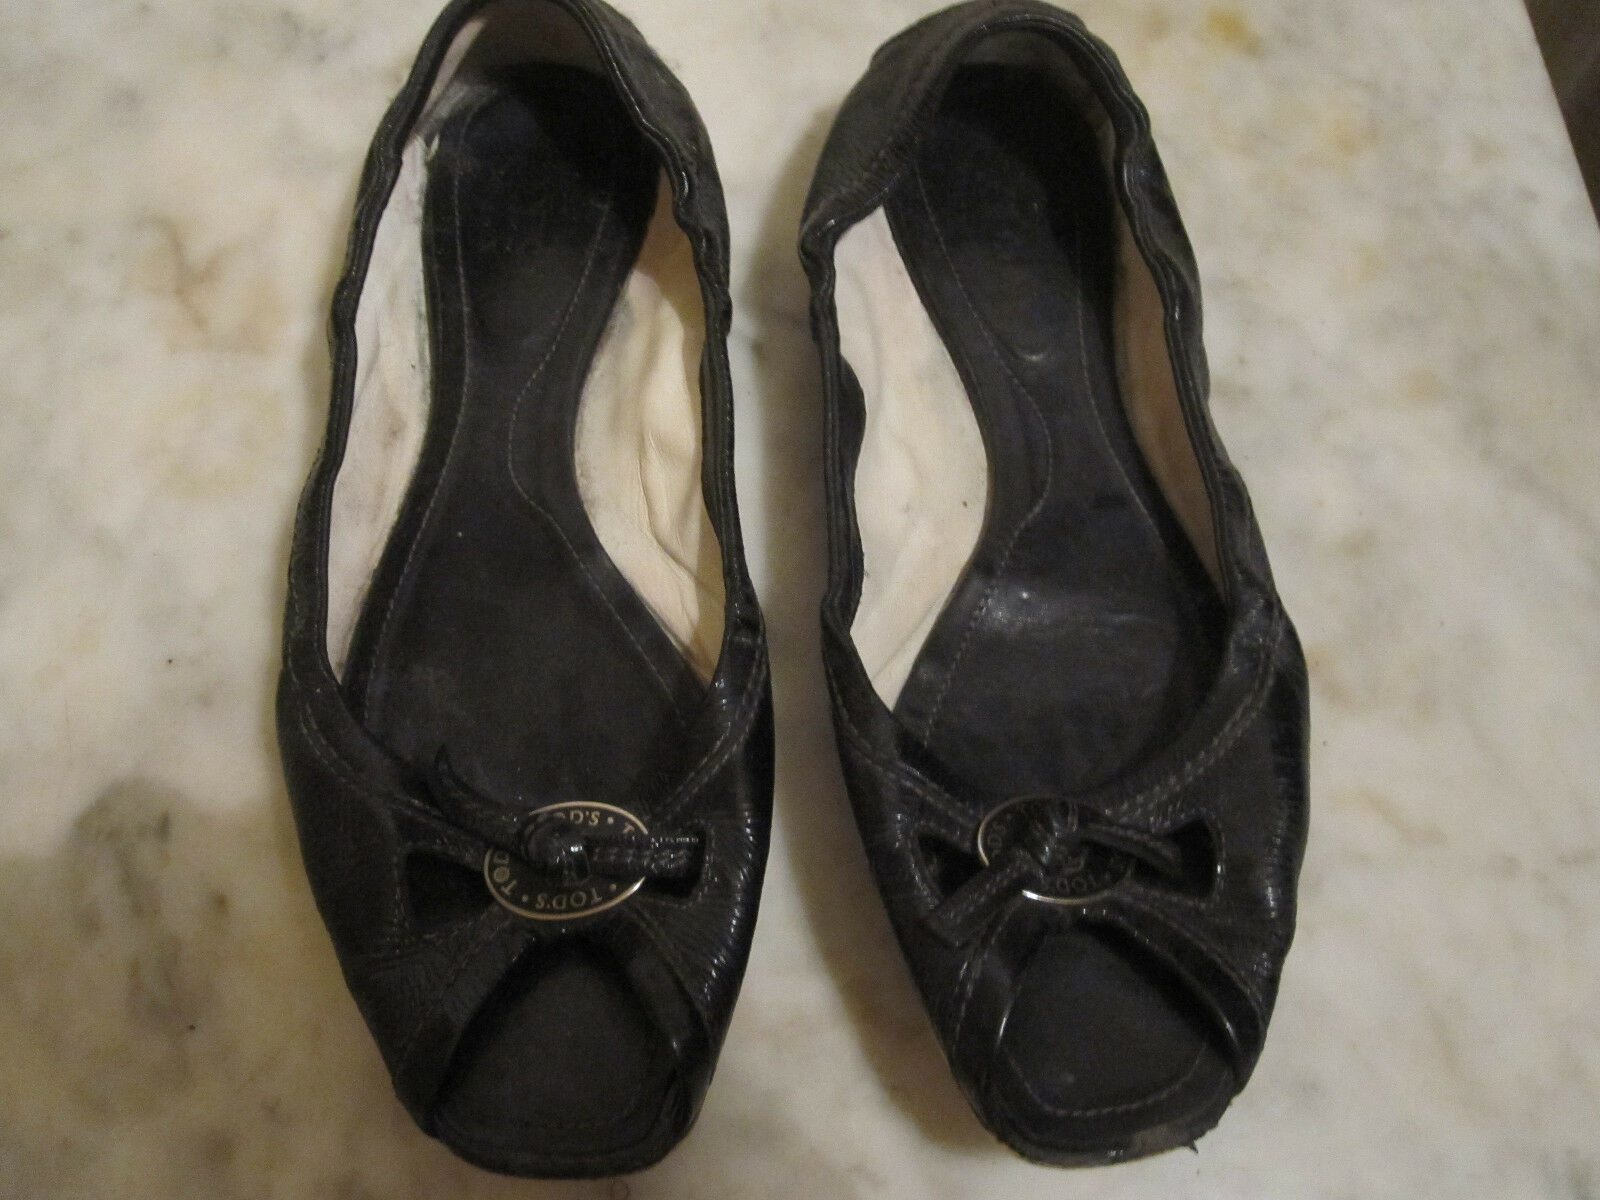 Tod's Schuhe schwarz Grösse 38